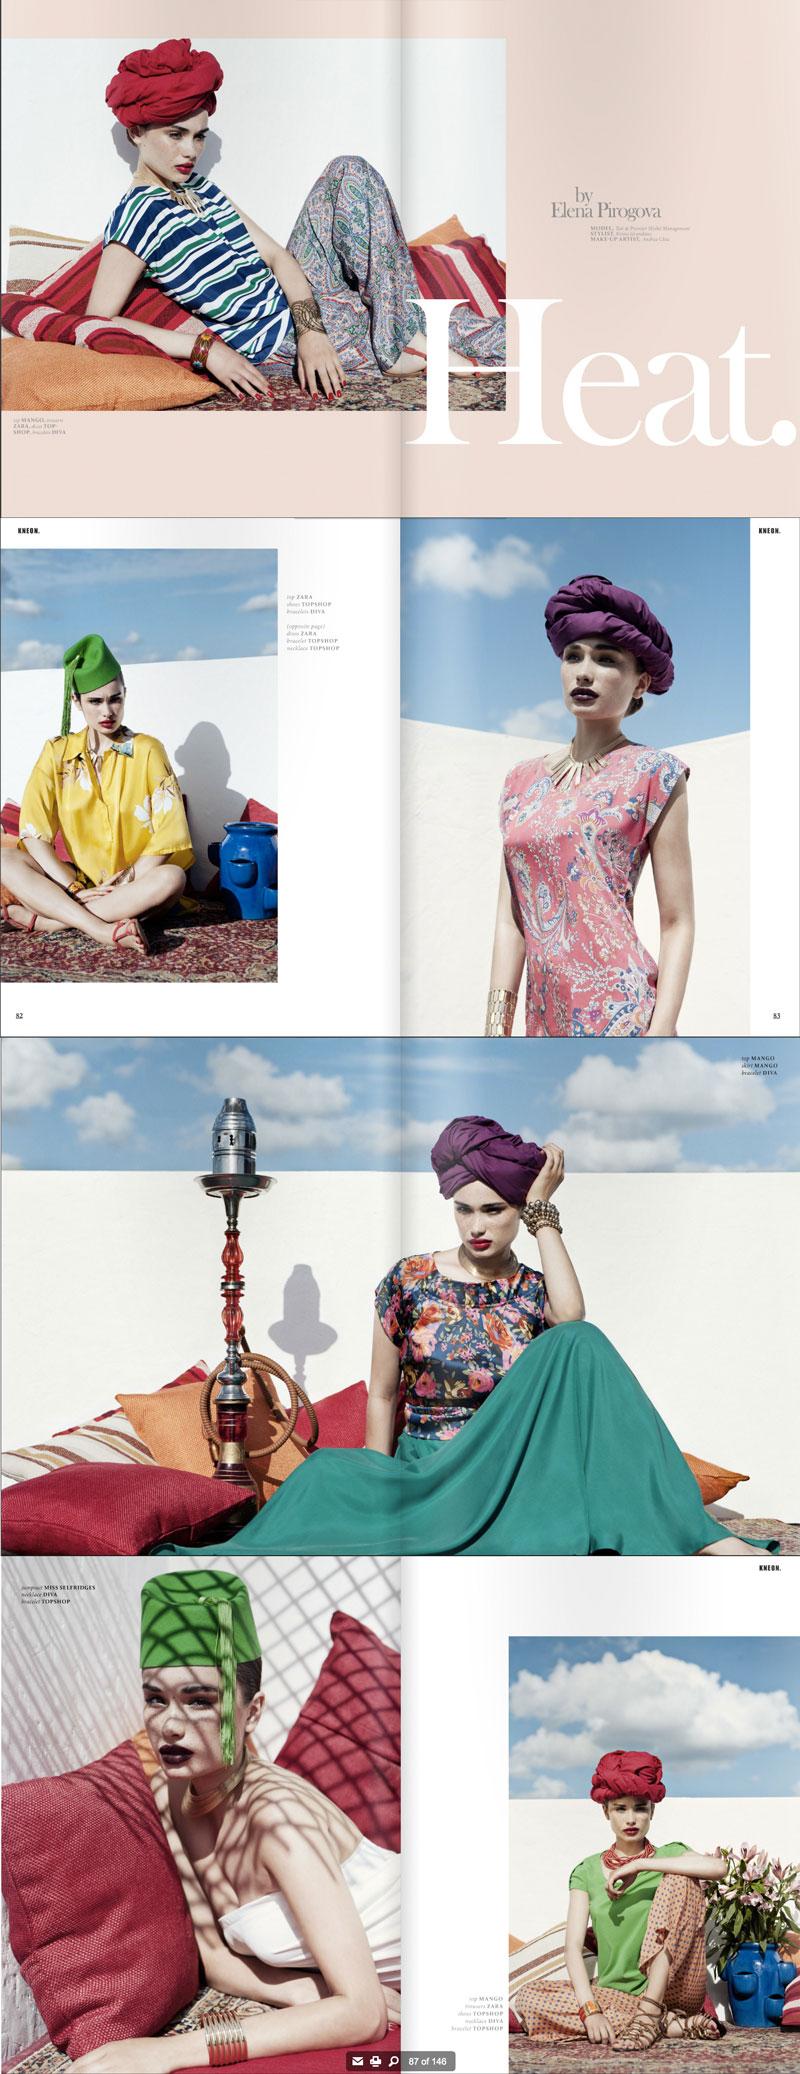 Dec 15, 2011 Elena Pirogova HEAT, KNEON magazine